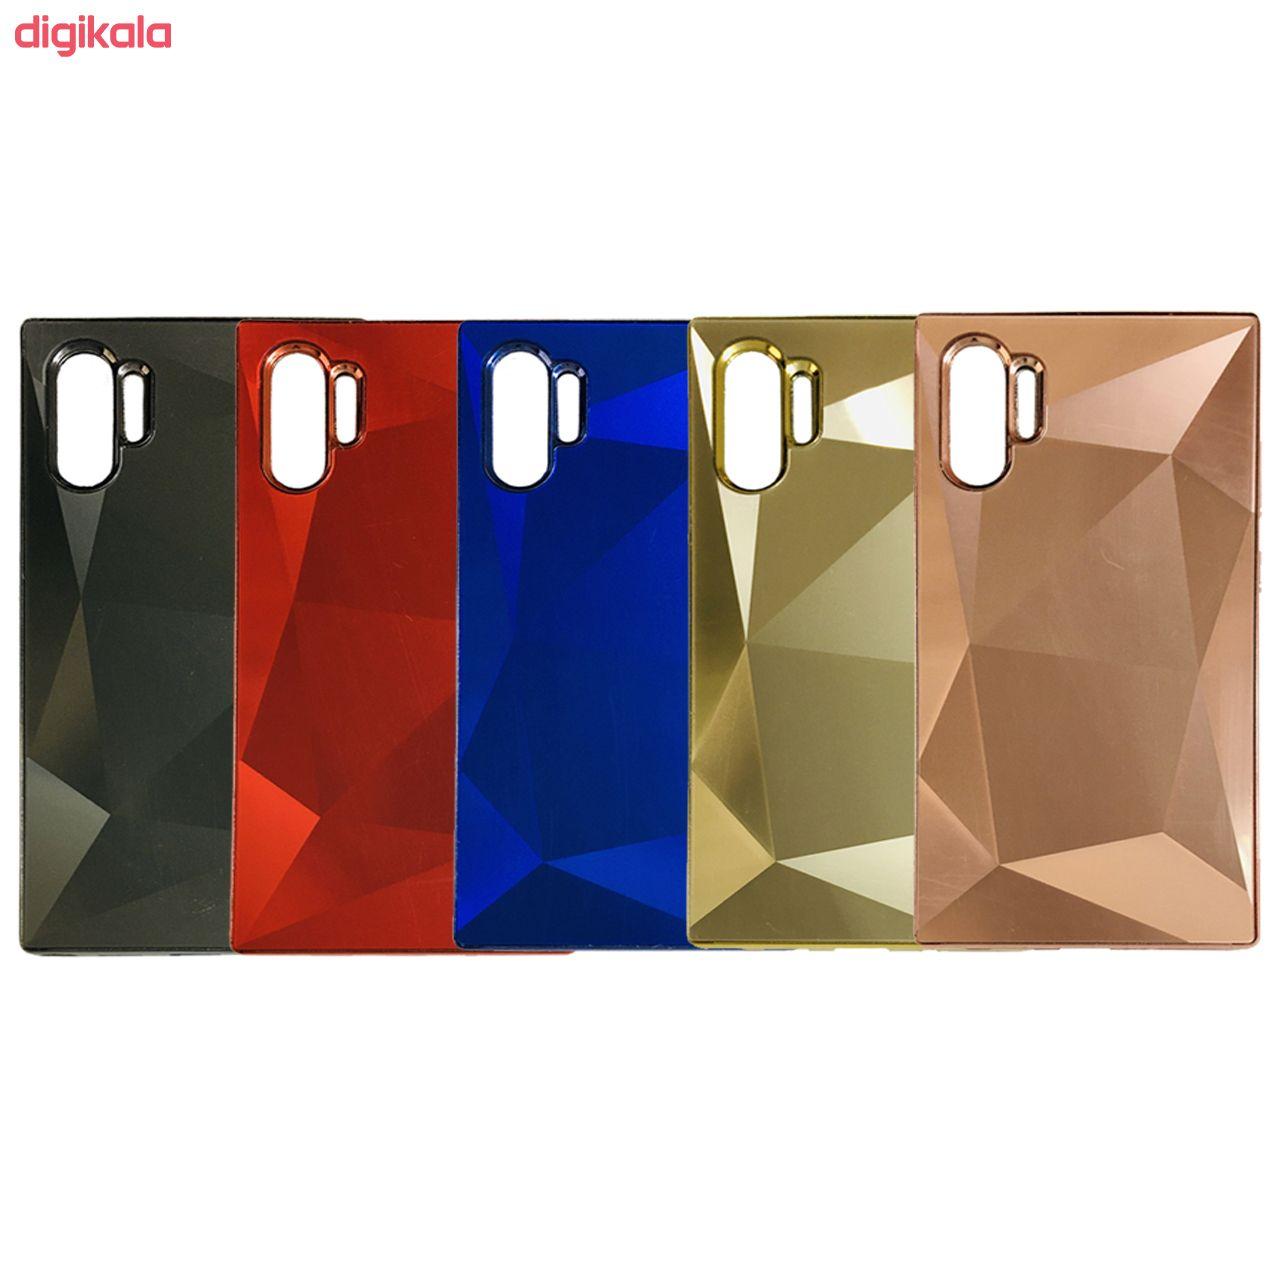 کاور طرح الماس کد 0015 مناسب برای گوشی موبایل سامسونگ Galaxy Note 10 Plus main 1 1